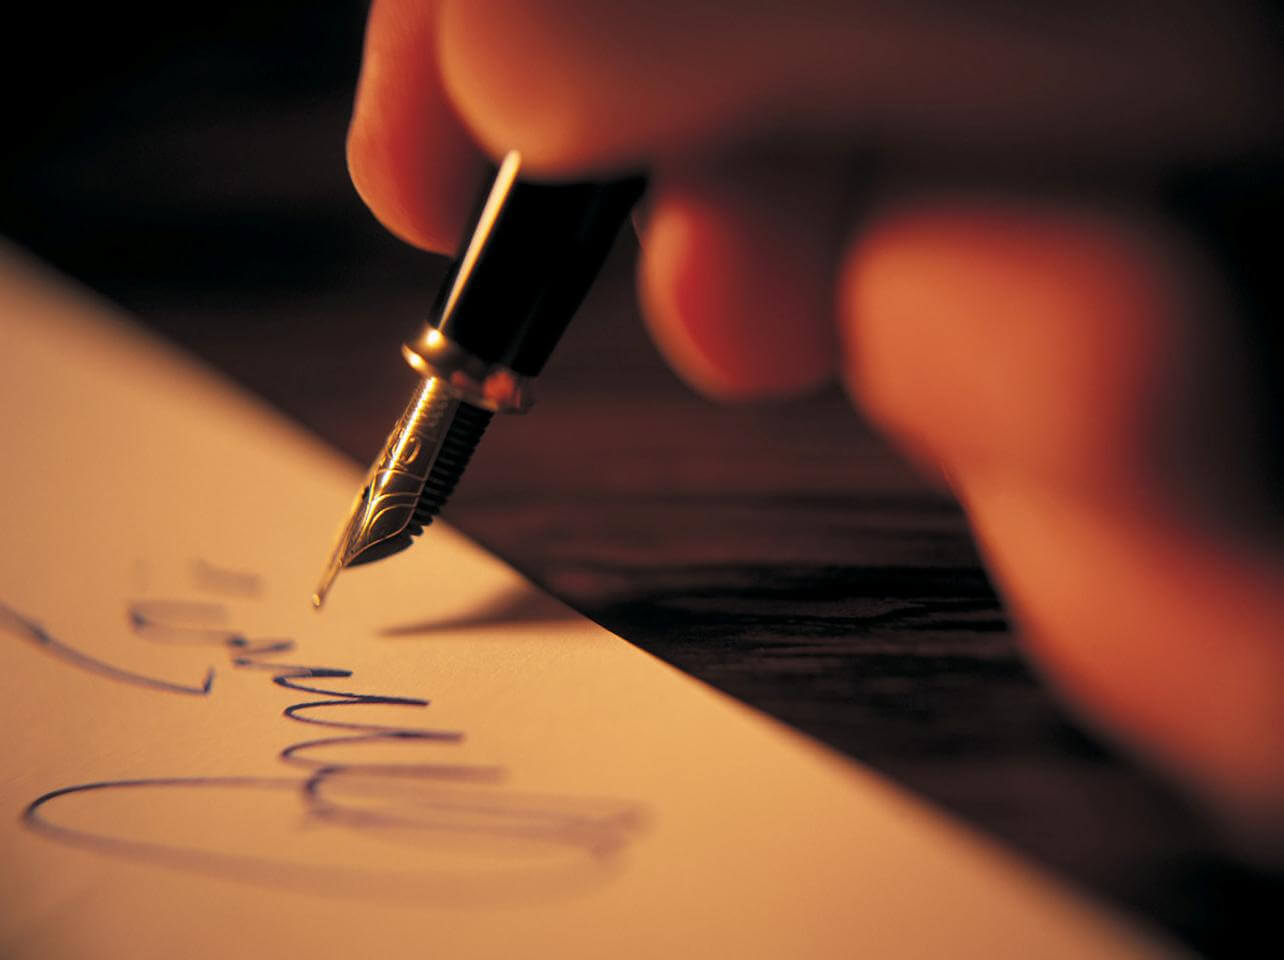 Å skrive ned dine tanker er viktig